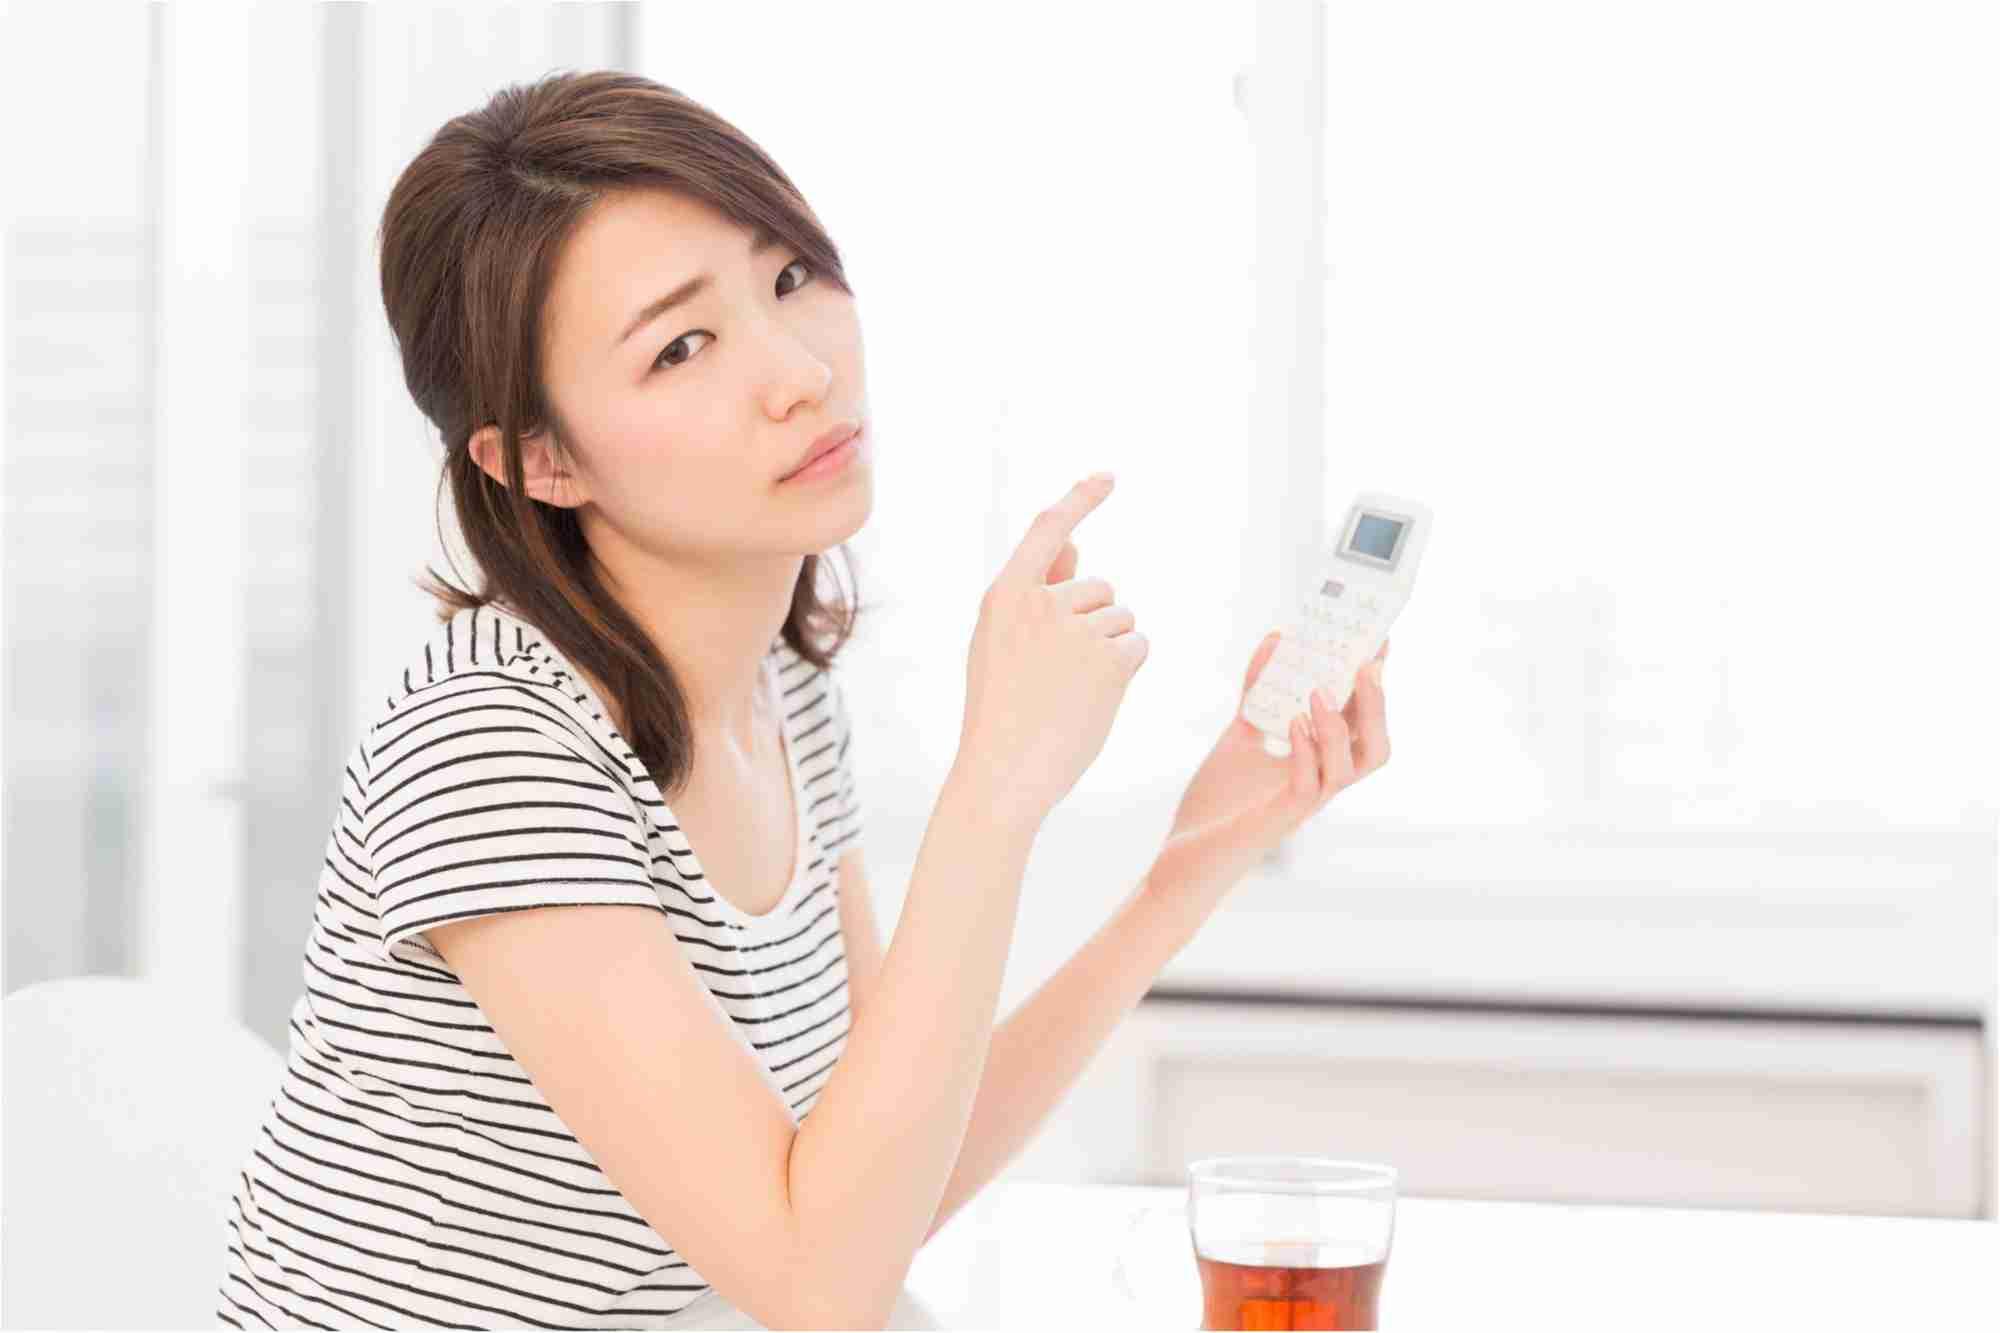 「おひとりさま」の老後に安心できる貯蓄額とは!?  | FP水野綾香の「HAPPY! マネー美人塾」 | DAILY MORE